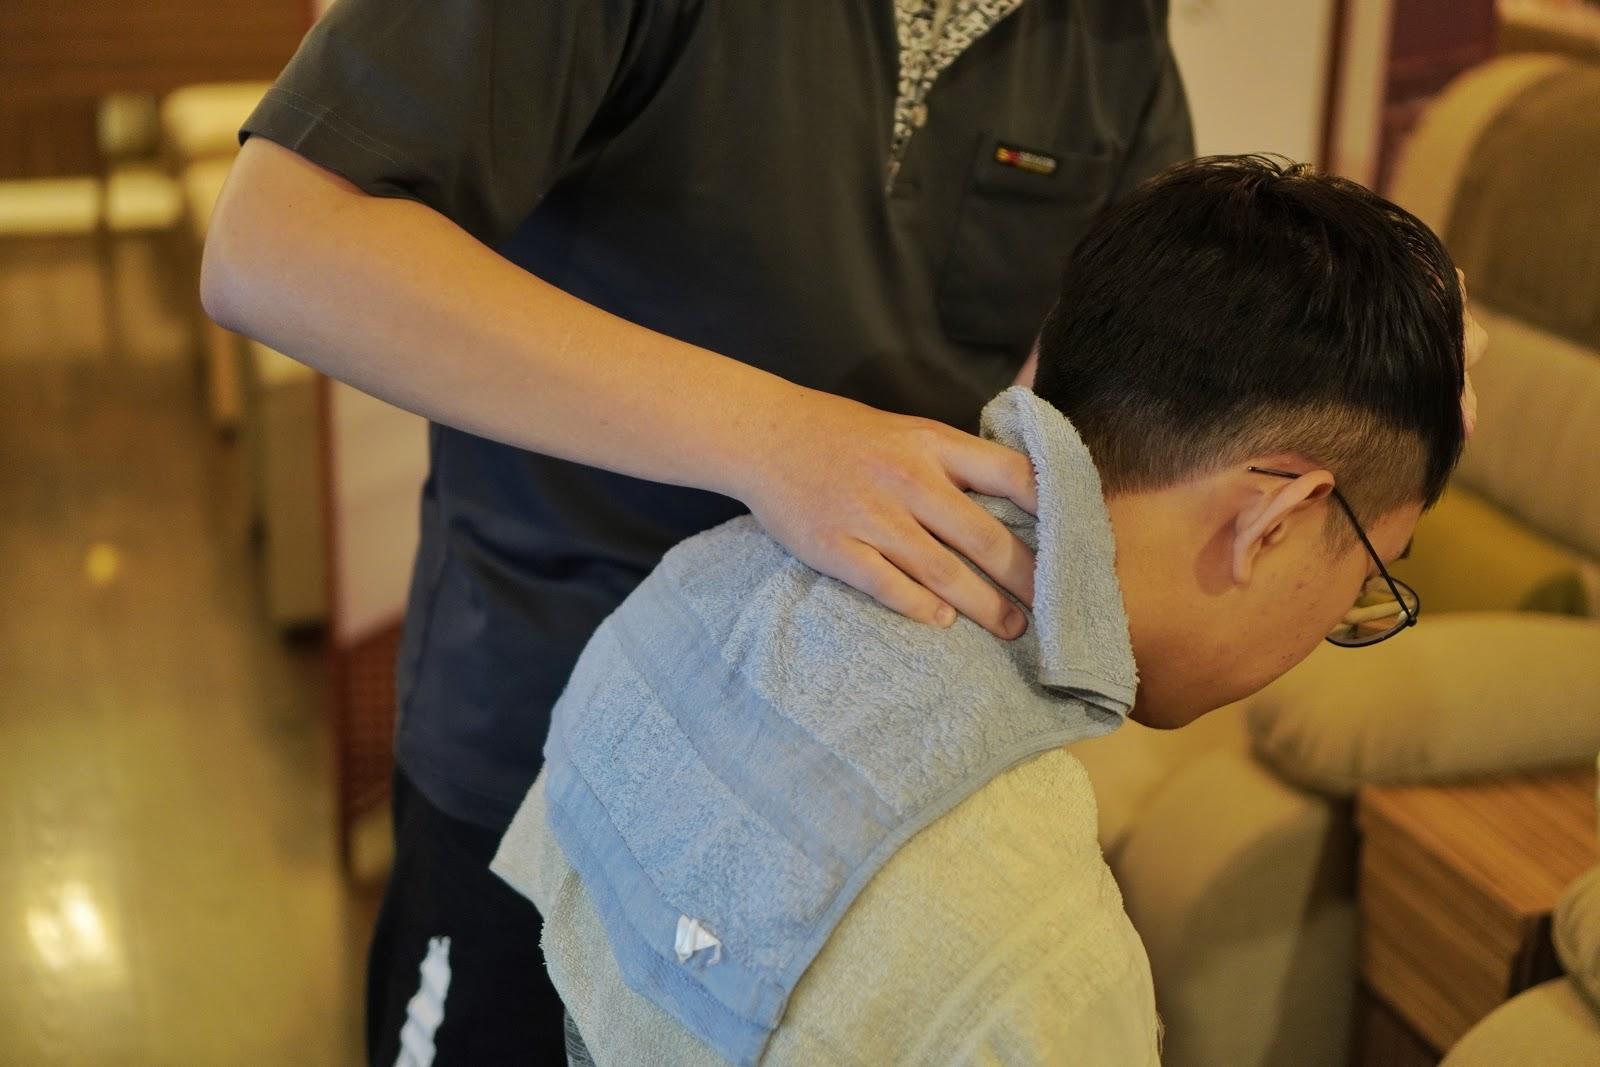 台南中西區按摩【綠海足體養生館】肩頸按摩